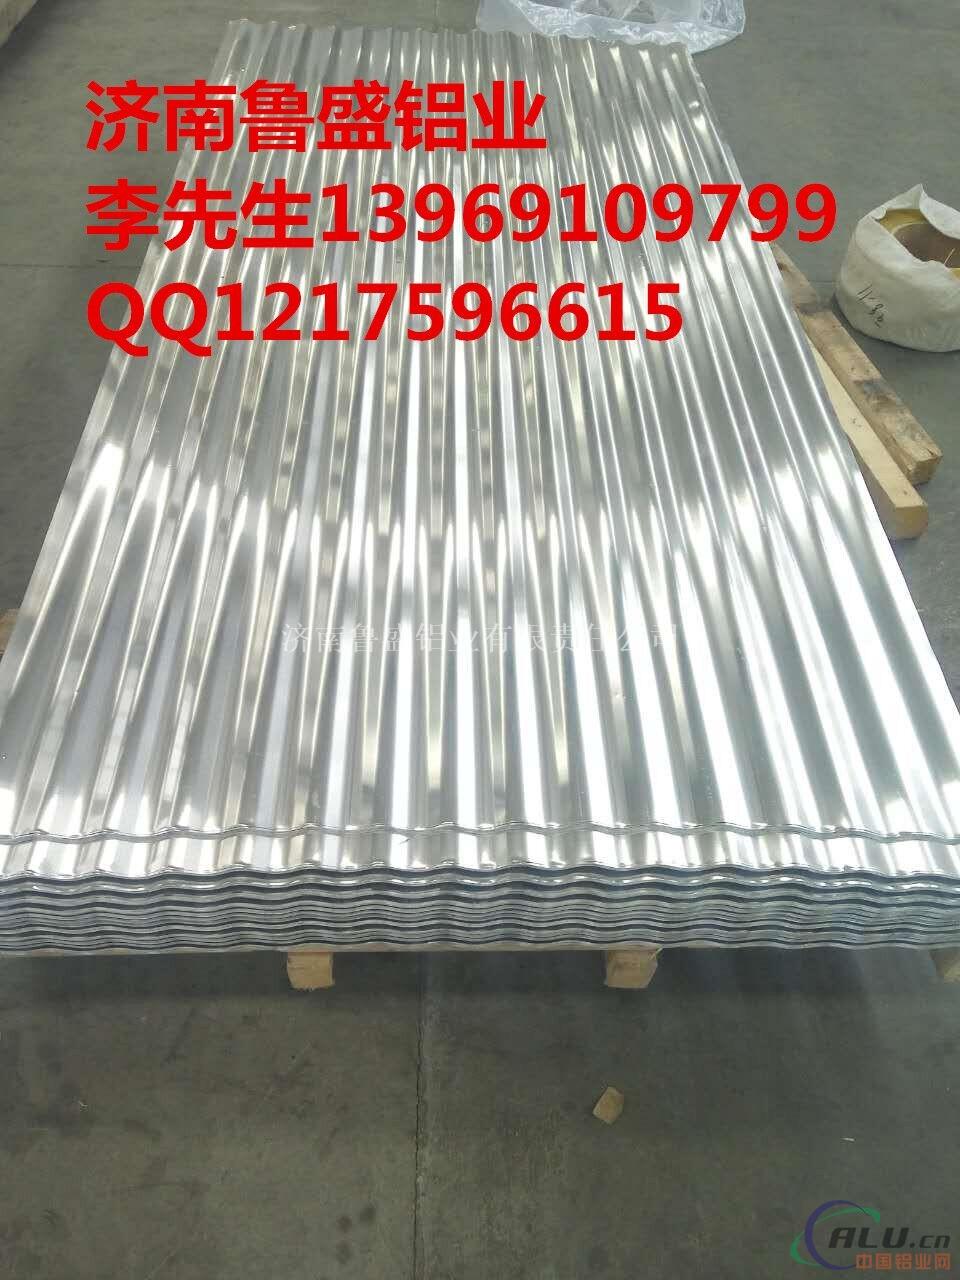 供应铝卷,铝带,铝板